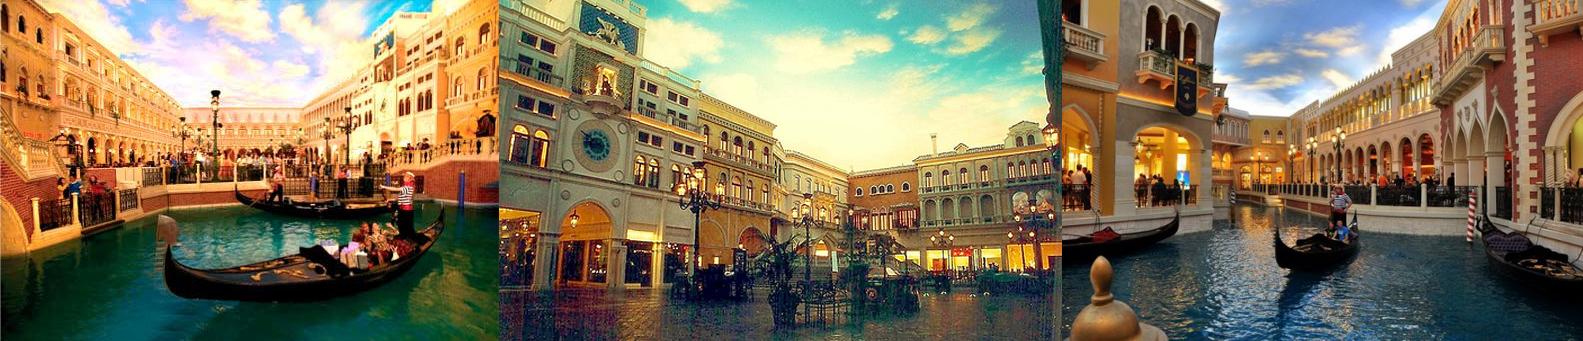 Venetian4.jpg